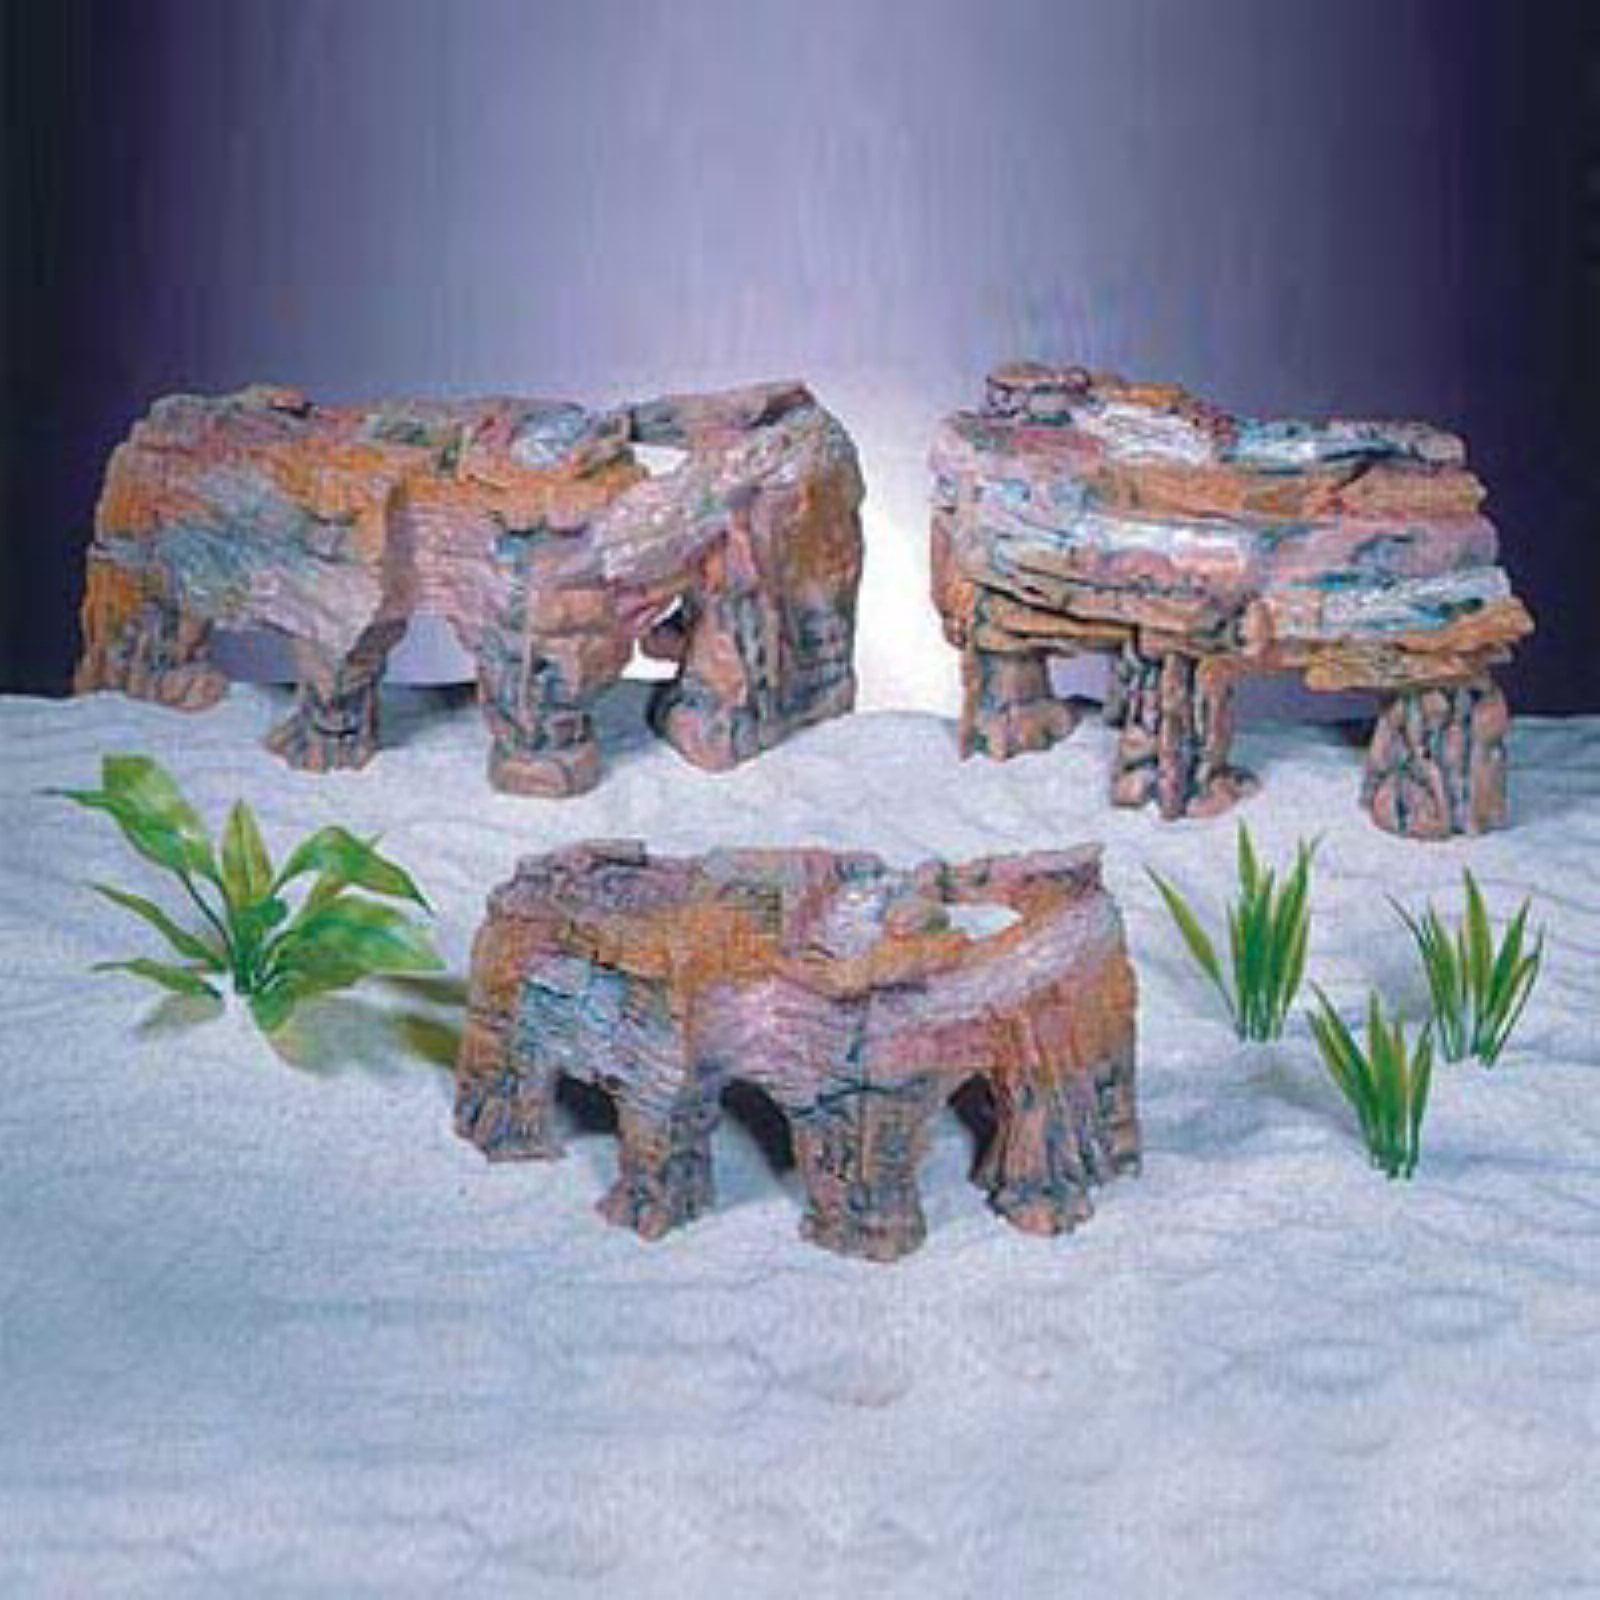 Penn Plax Rock Grotto Aquarium Ornament